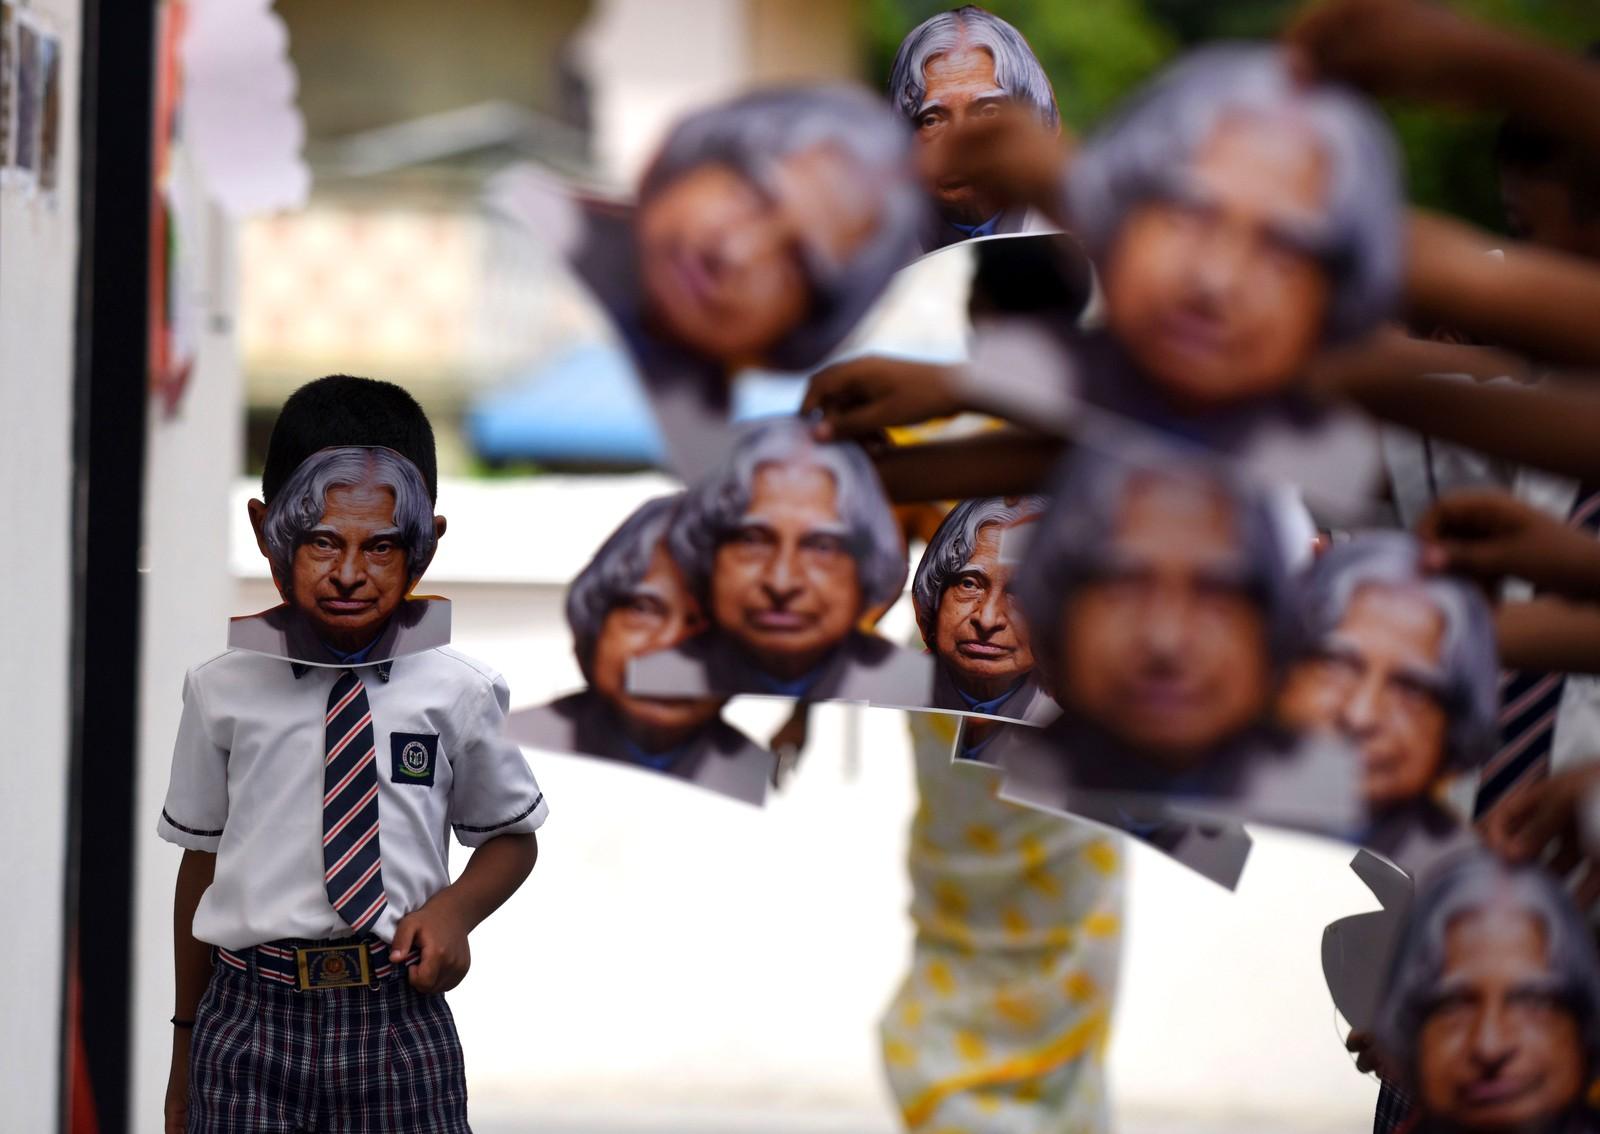 Indiske barn bærer masker med bildet av den tidligere presidenten A.P.J Kalam under en minnestund i Chennai den 26. juli. Han var en ingeniør som var utdannet innen romfart, og var Indias 11. president i perioden 2002 til 2007. Kalam døde den 27. juli 2015.